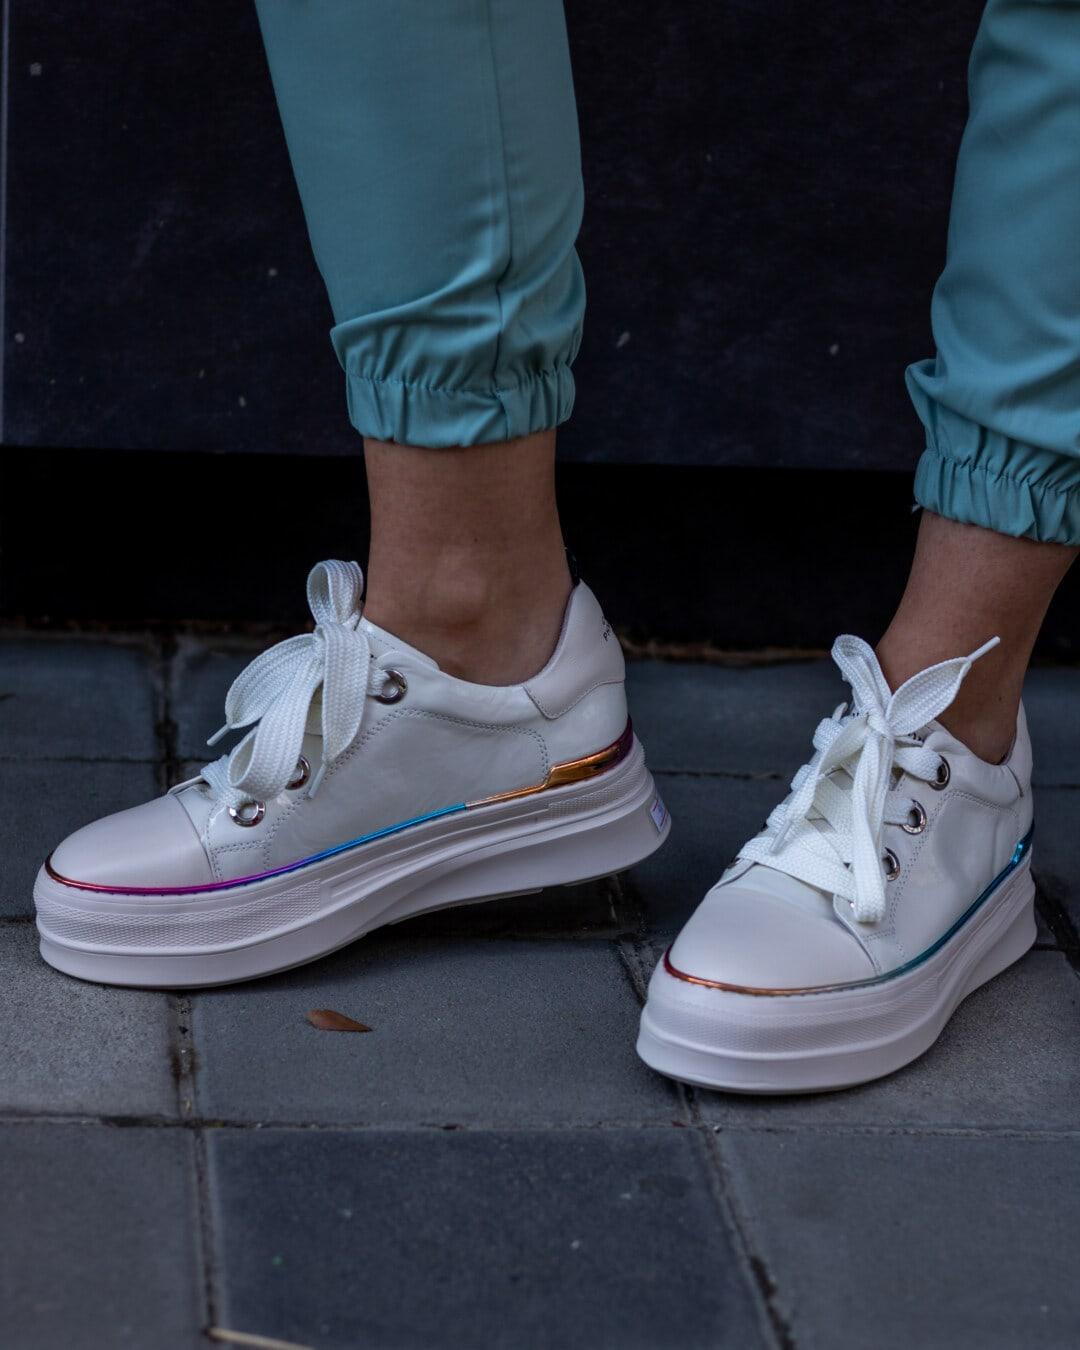 blanc, chaussures de sport, fantaisie, faire du jogging, en cuir, paire, mode, chaussures, couvrant, rue